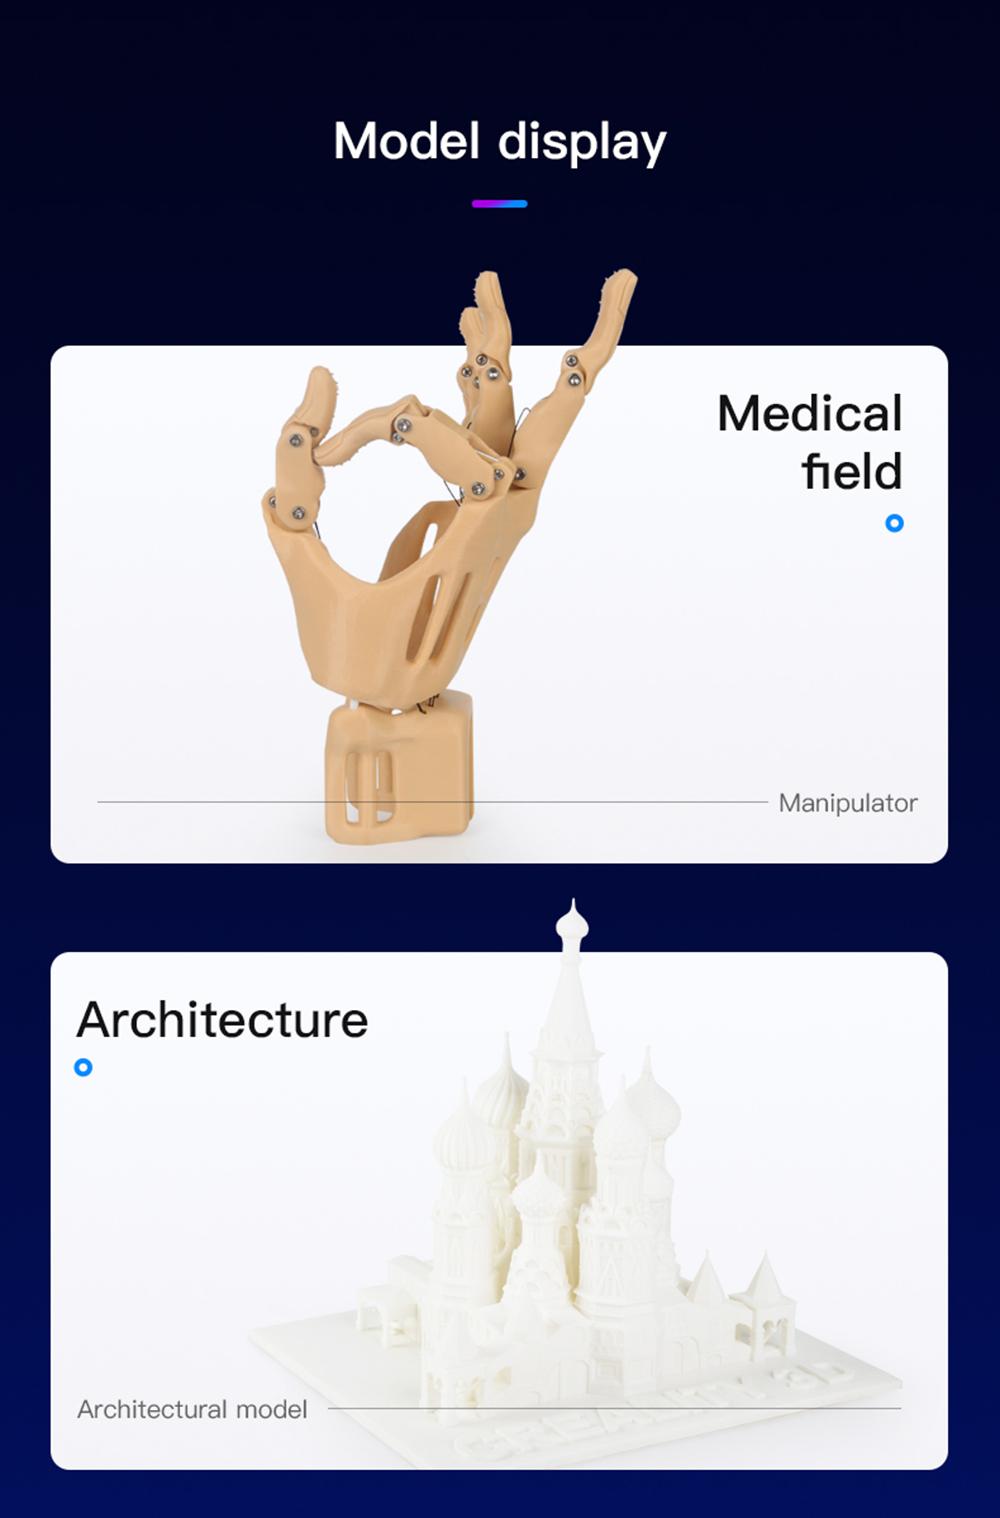 Creality3D Ender 3 V2 3D-Drucker Bausatz - 220x220x250mm - Anwendungsbeispiele in Medizin und Architektur